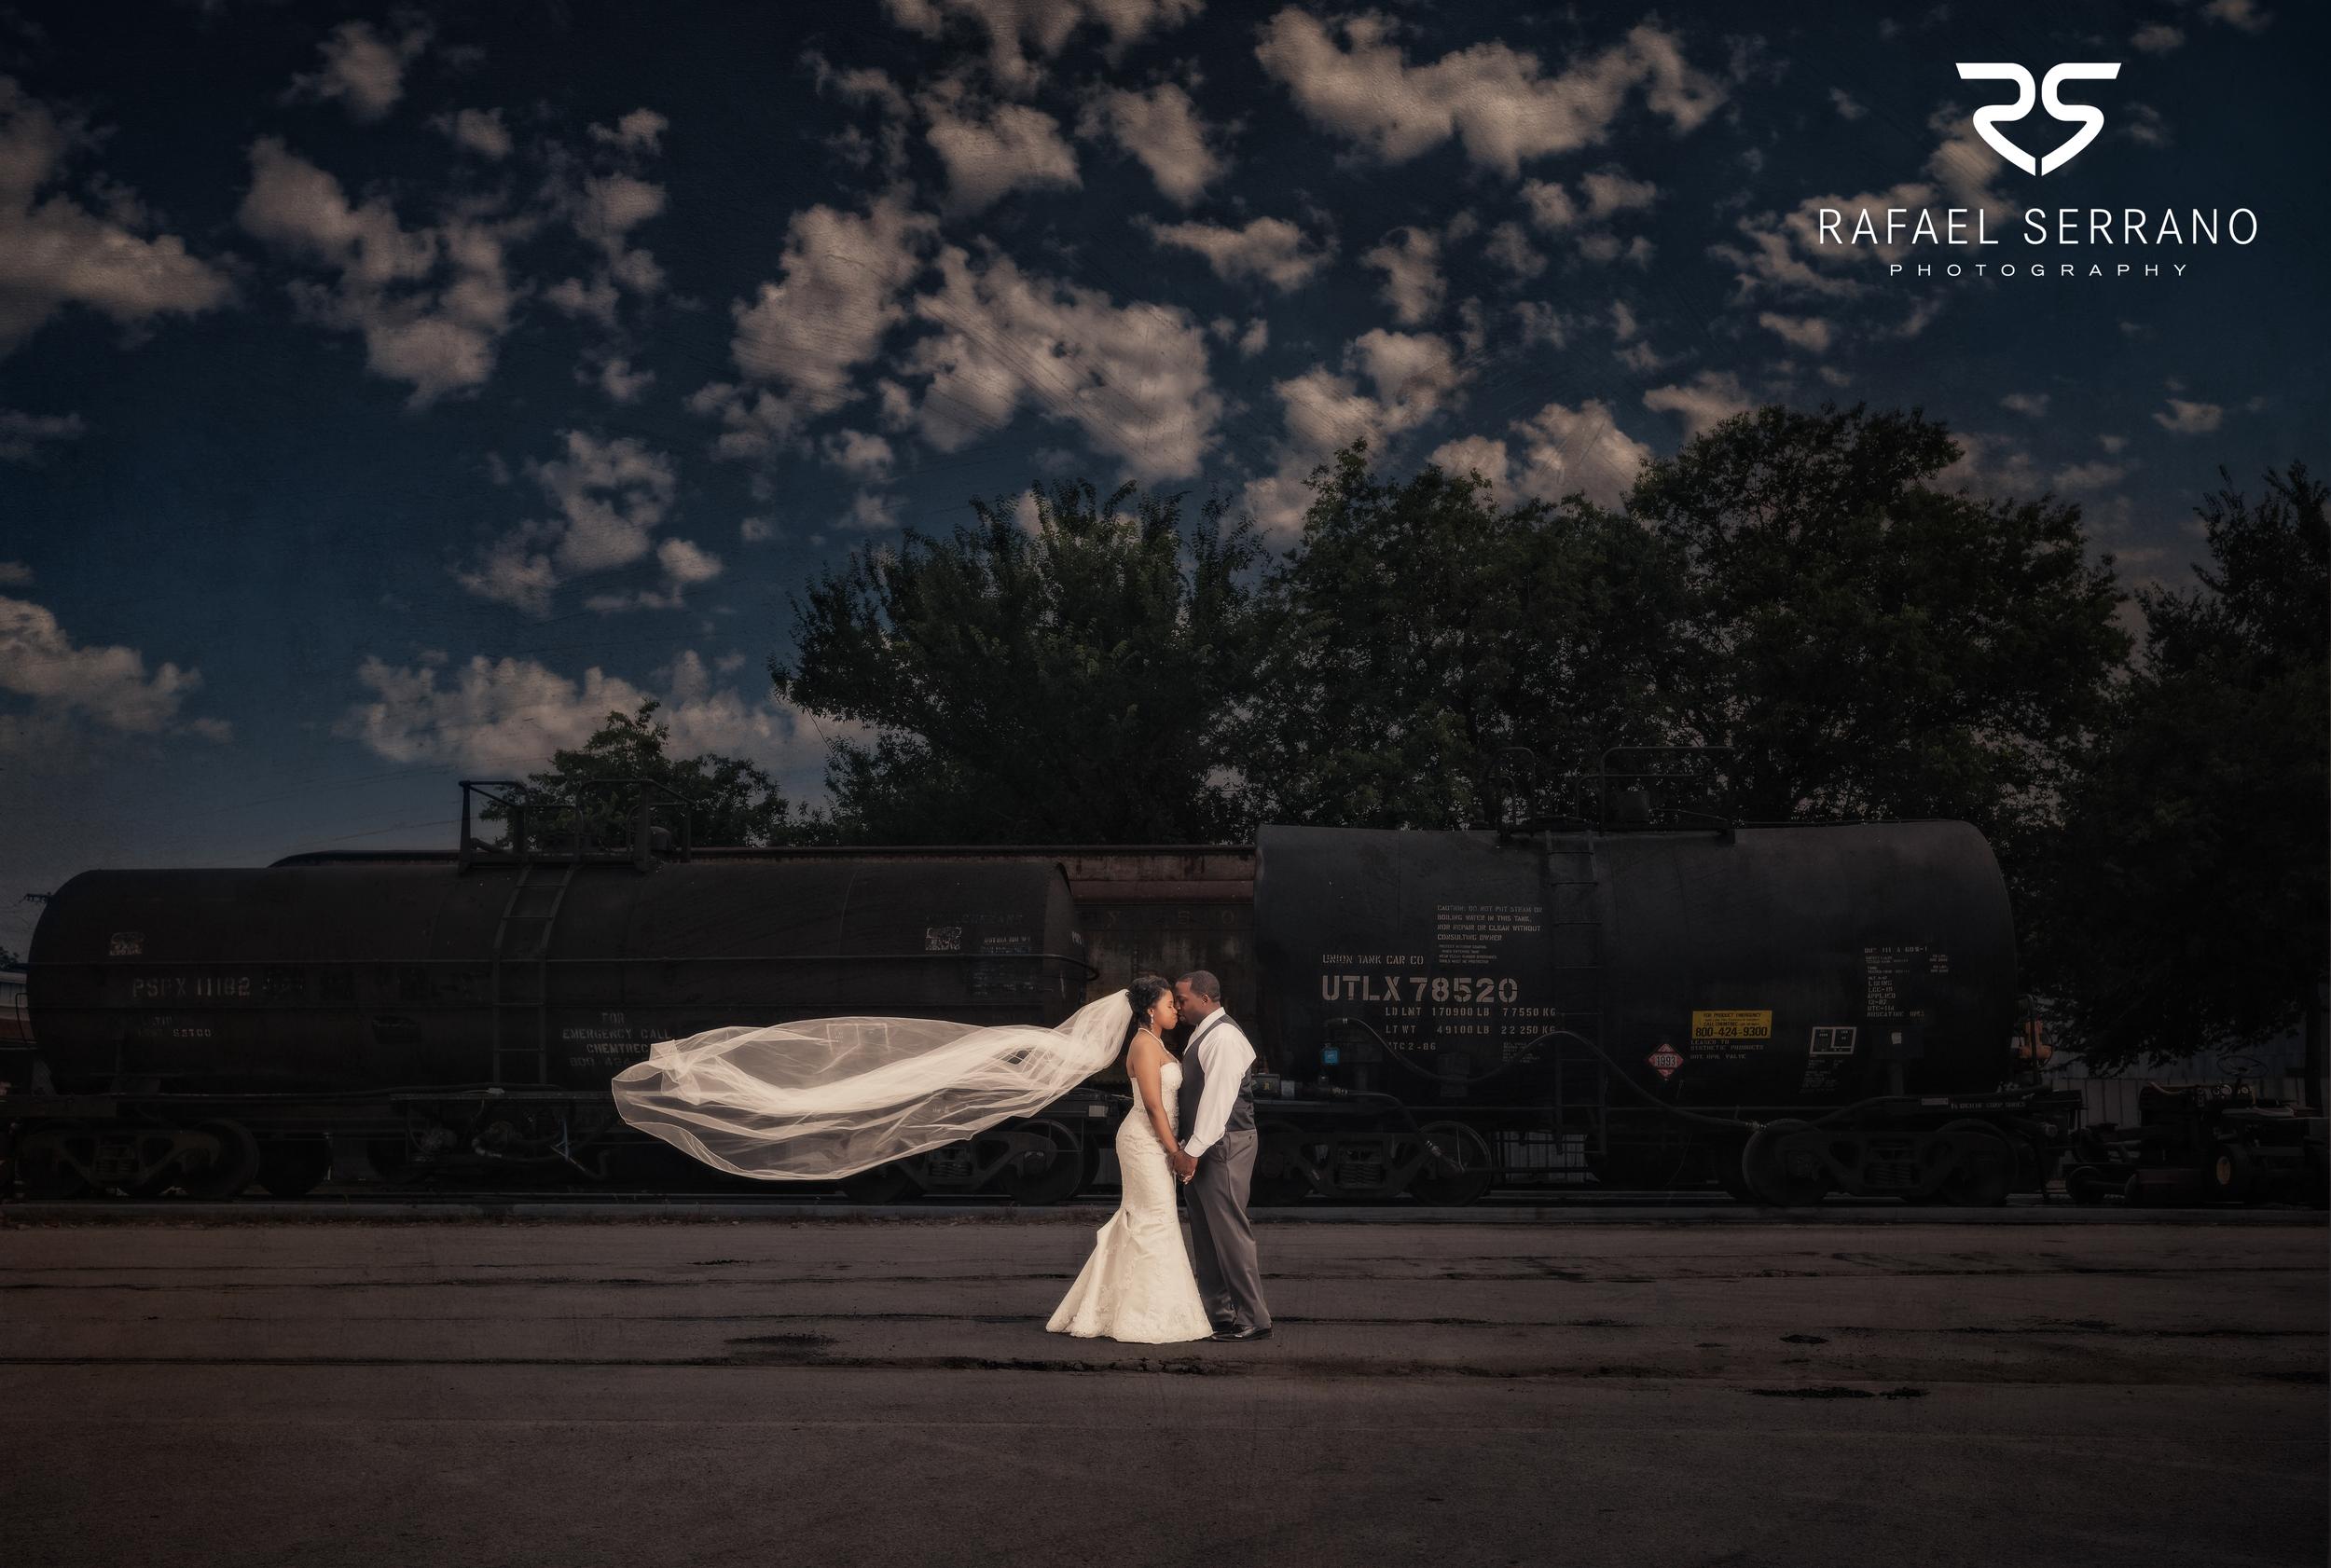 Piazzainthevillagewedding2016061.jpg